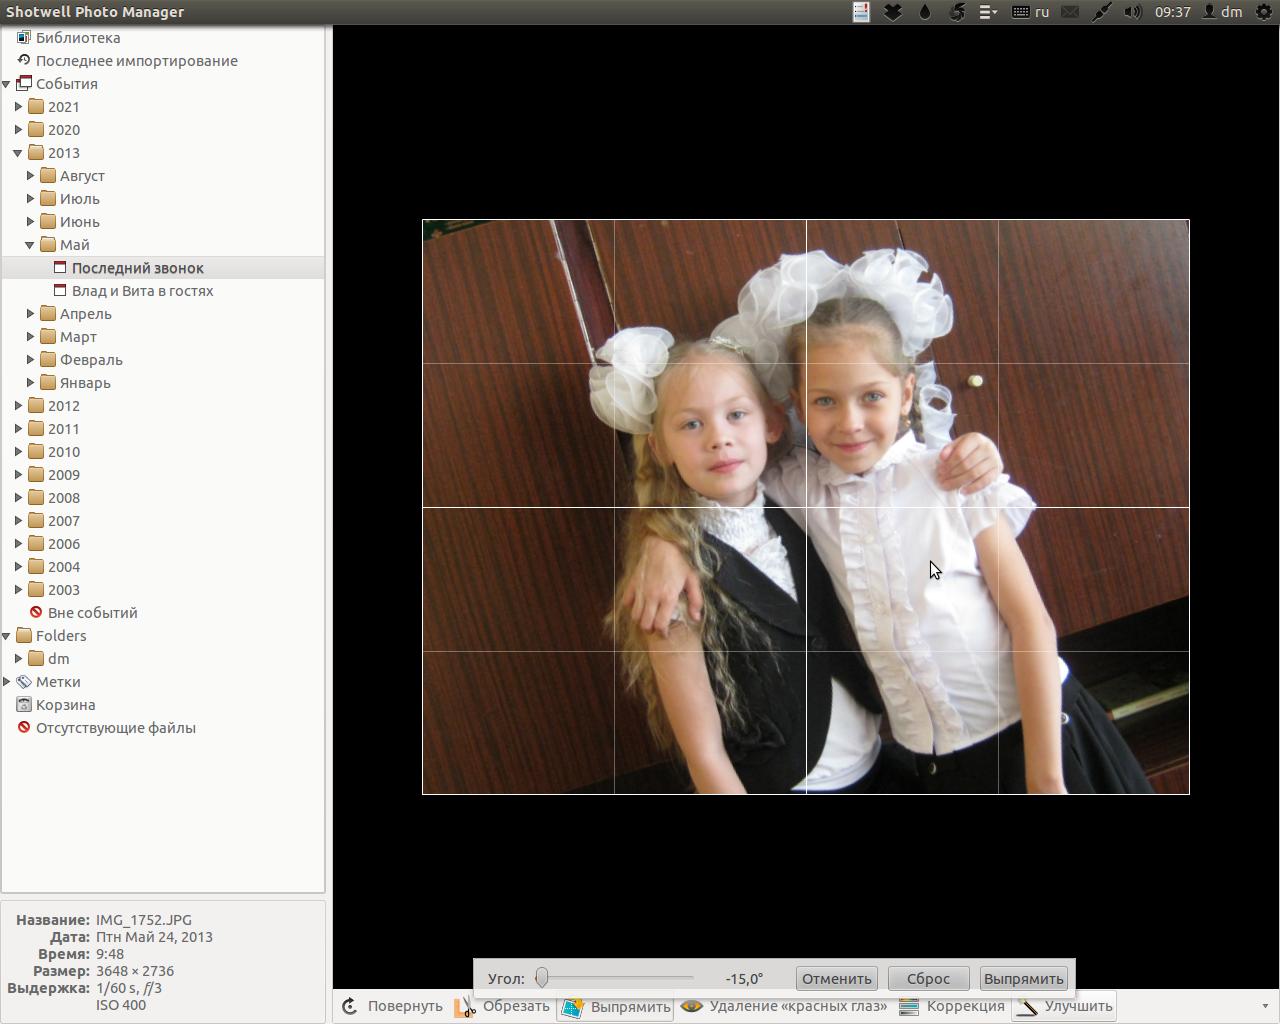 Снимок экрана от 2013-10-07 09:37:30